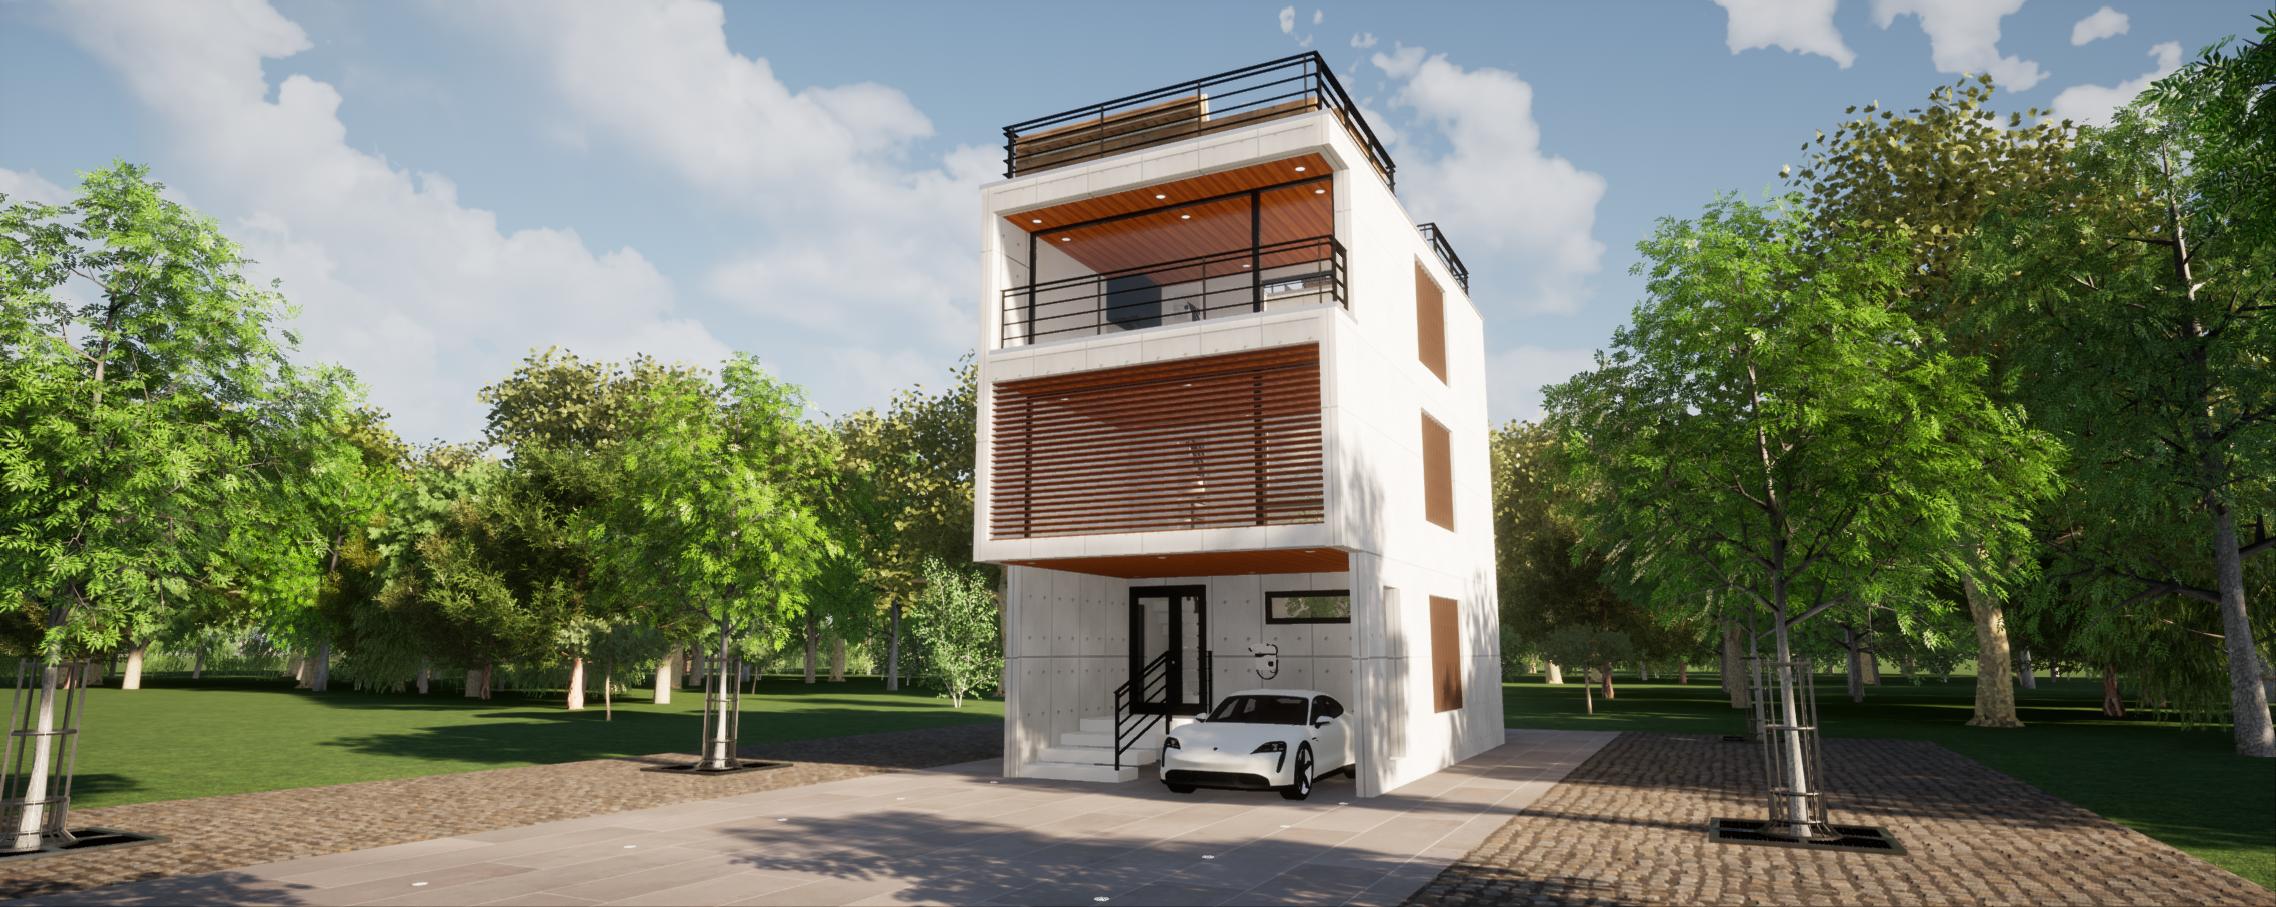 デザインRC住宅